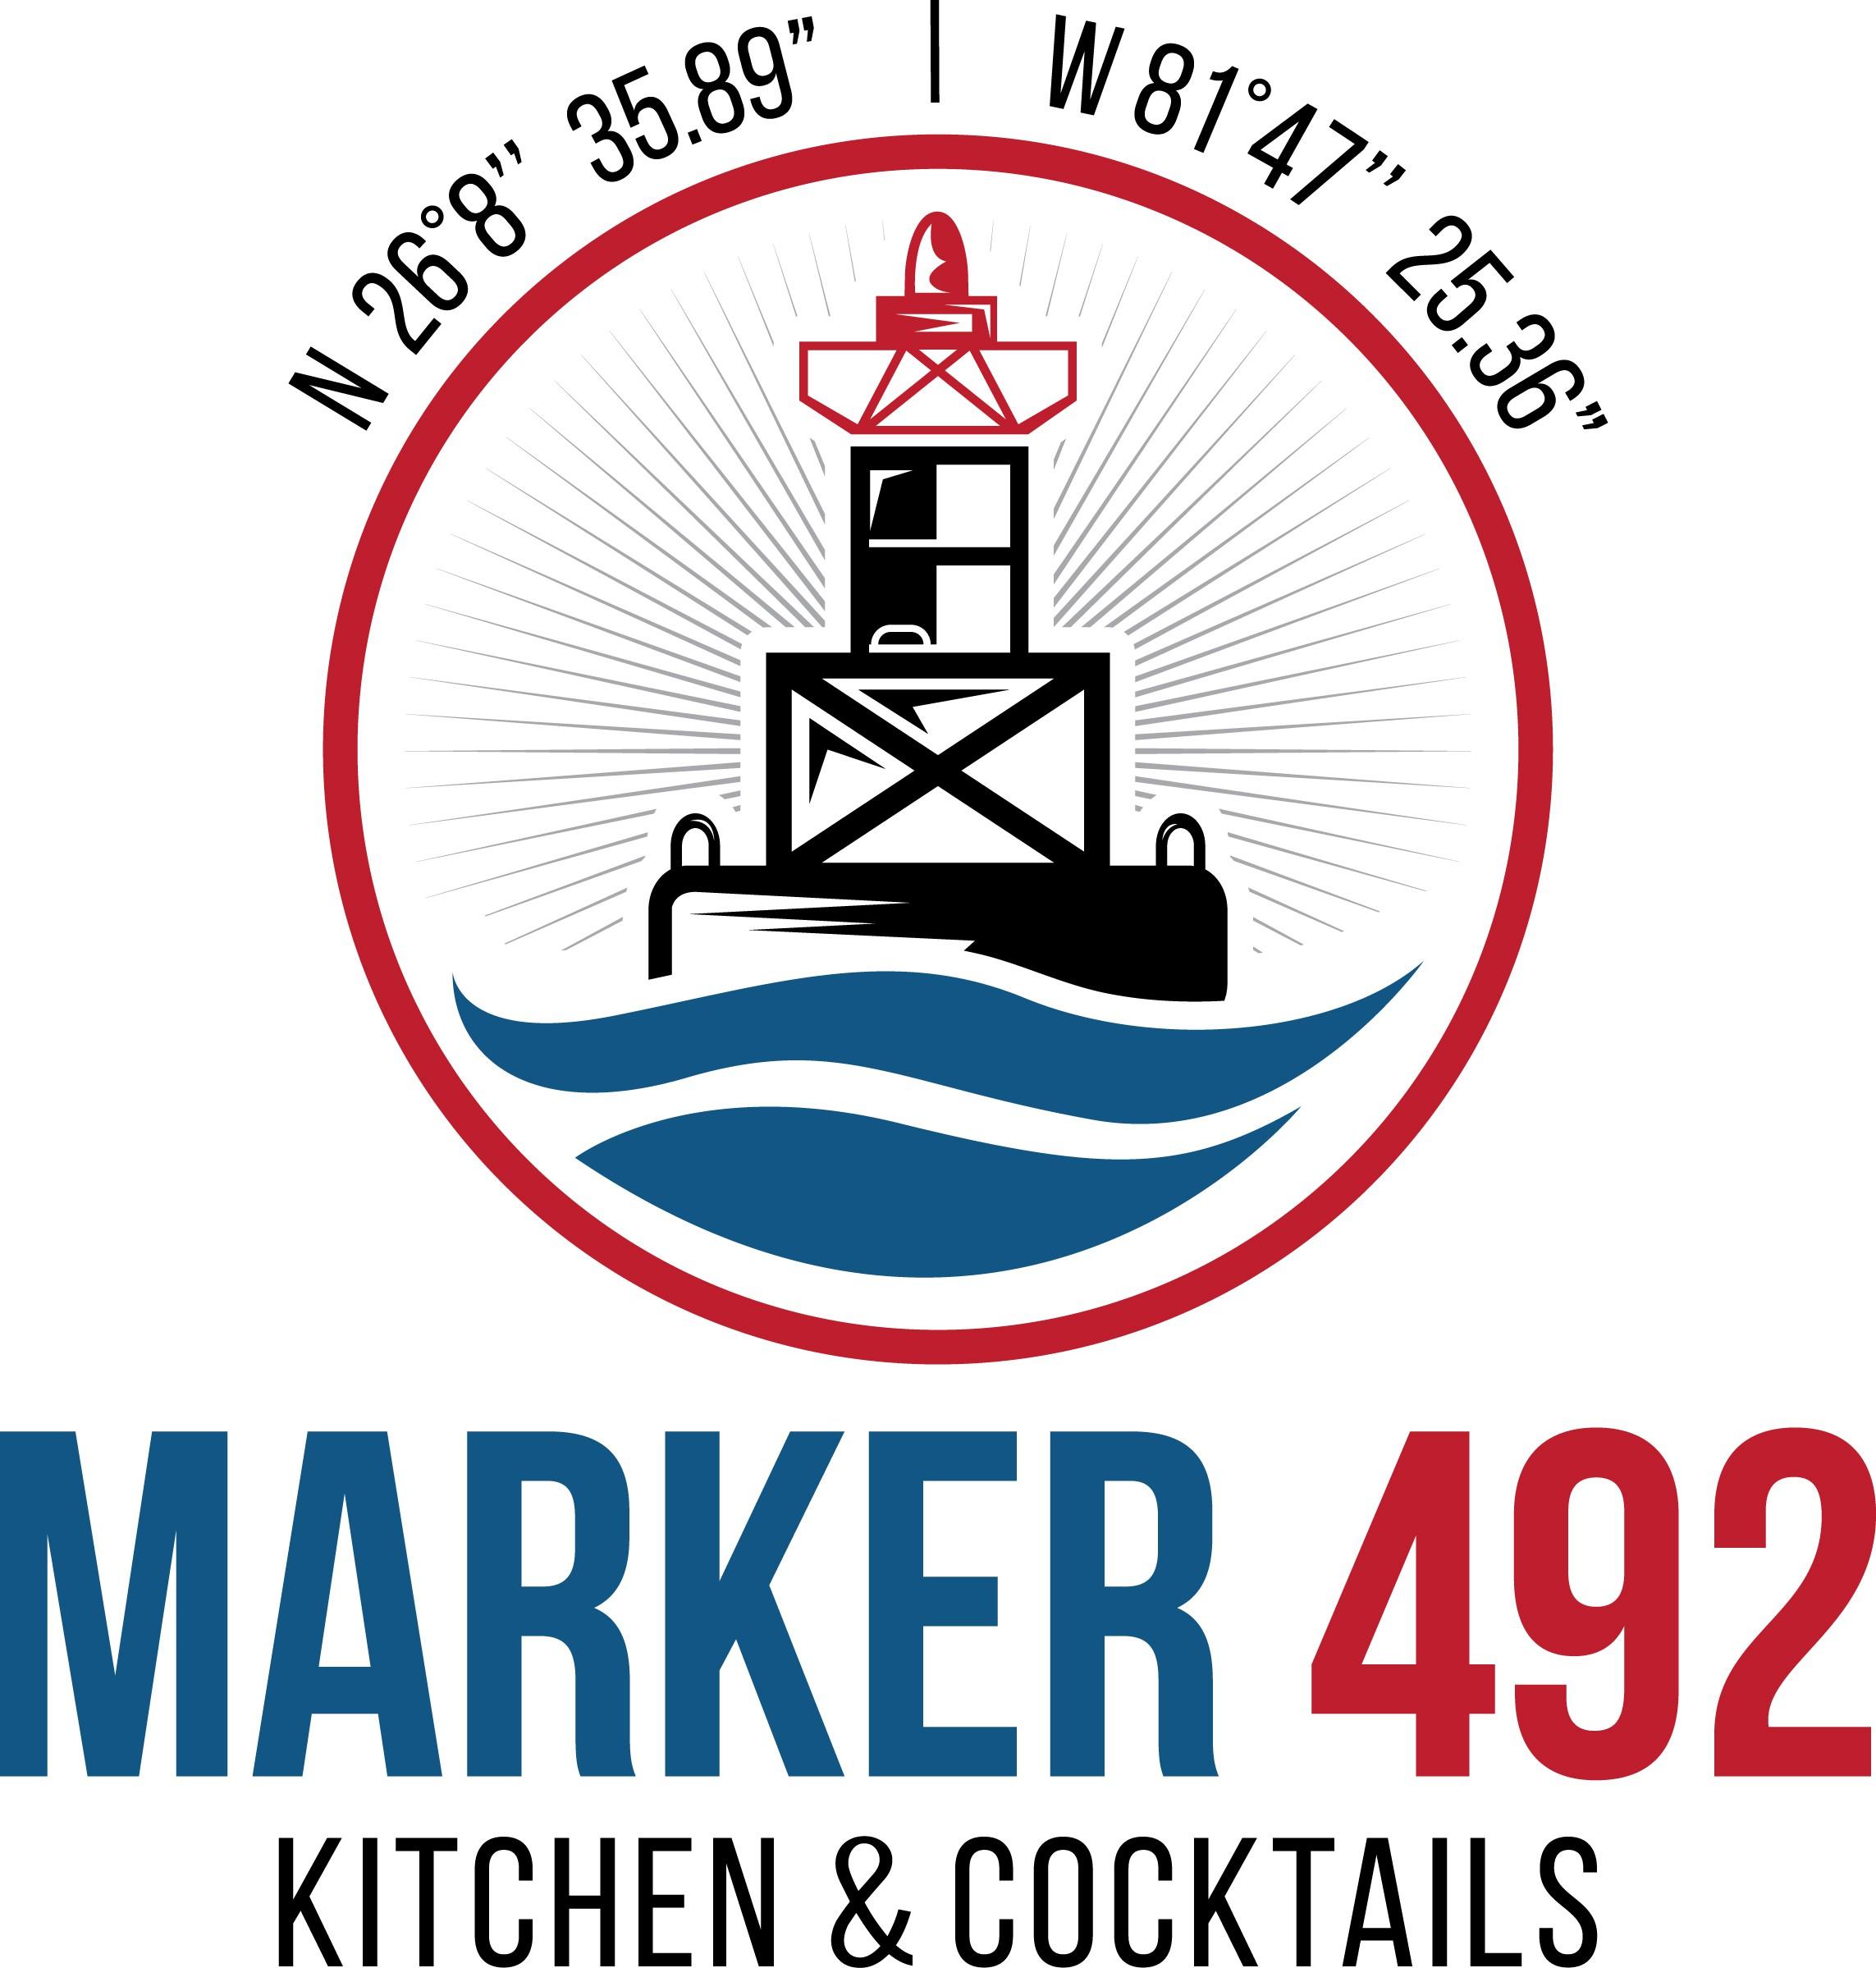 Marker 492 New Restaurant Logo